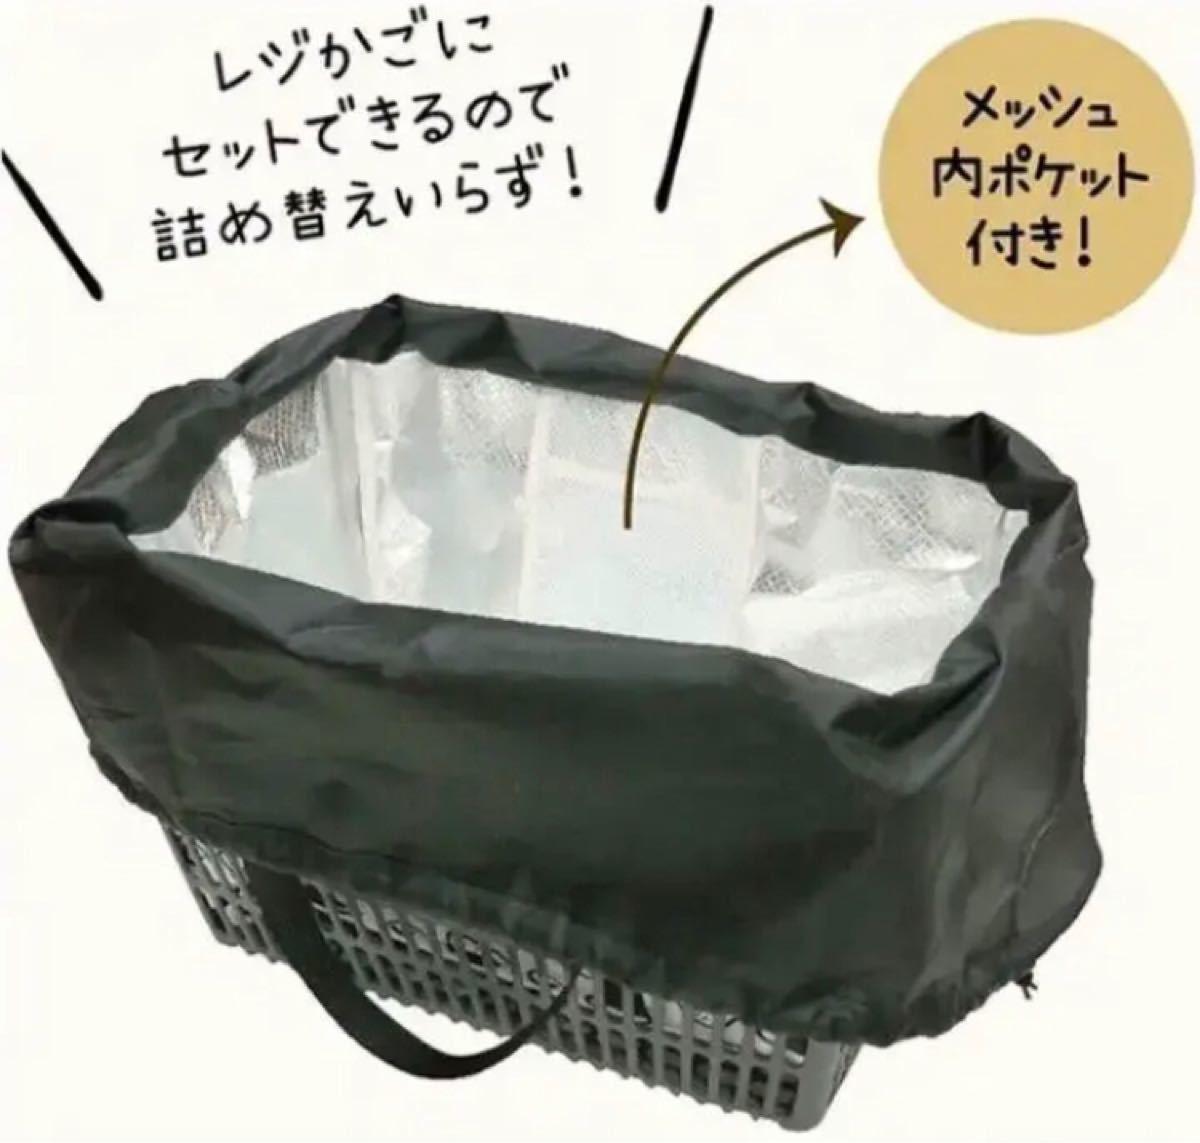 エコバッグ レジかご 折りたたみタイプ 保冷 L ビッグサイズ緑色 迷彩柄 アーミー クーラーショッピングトートバッグ